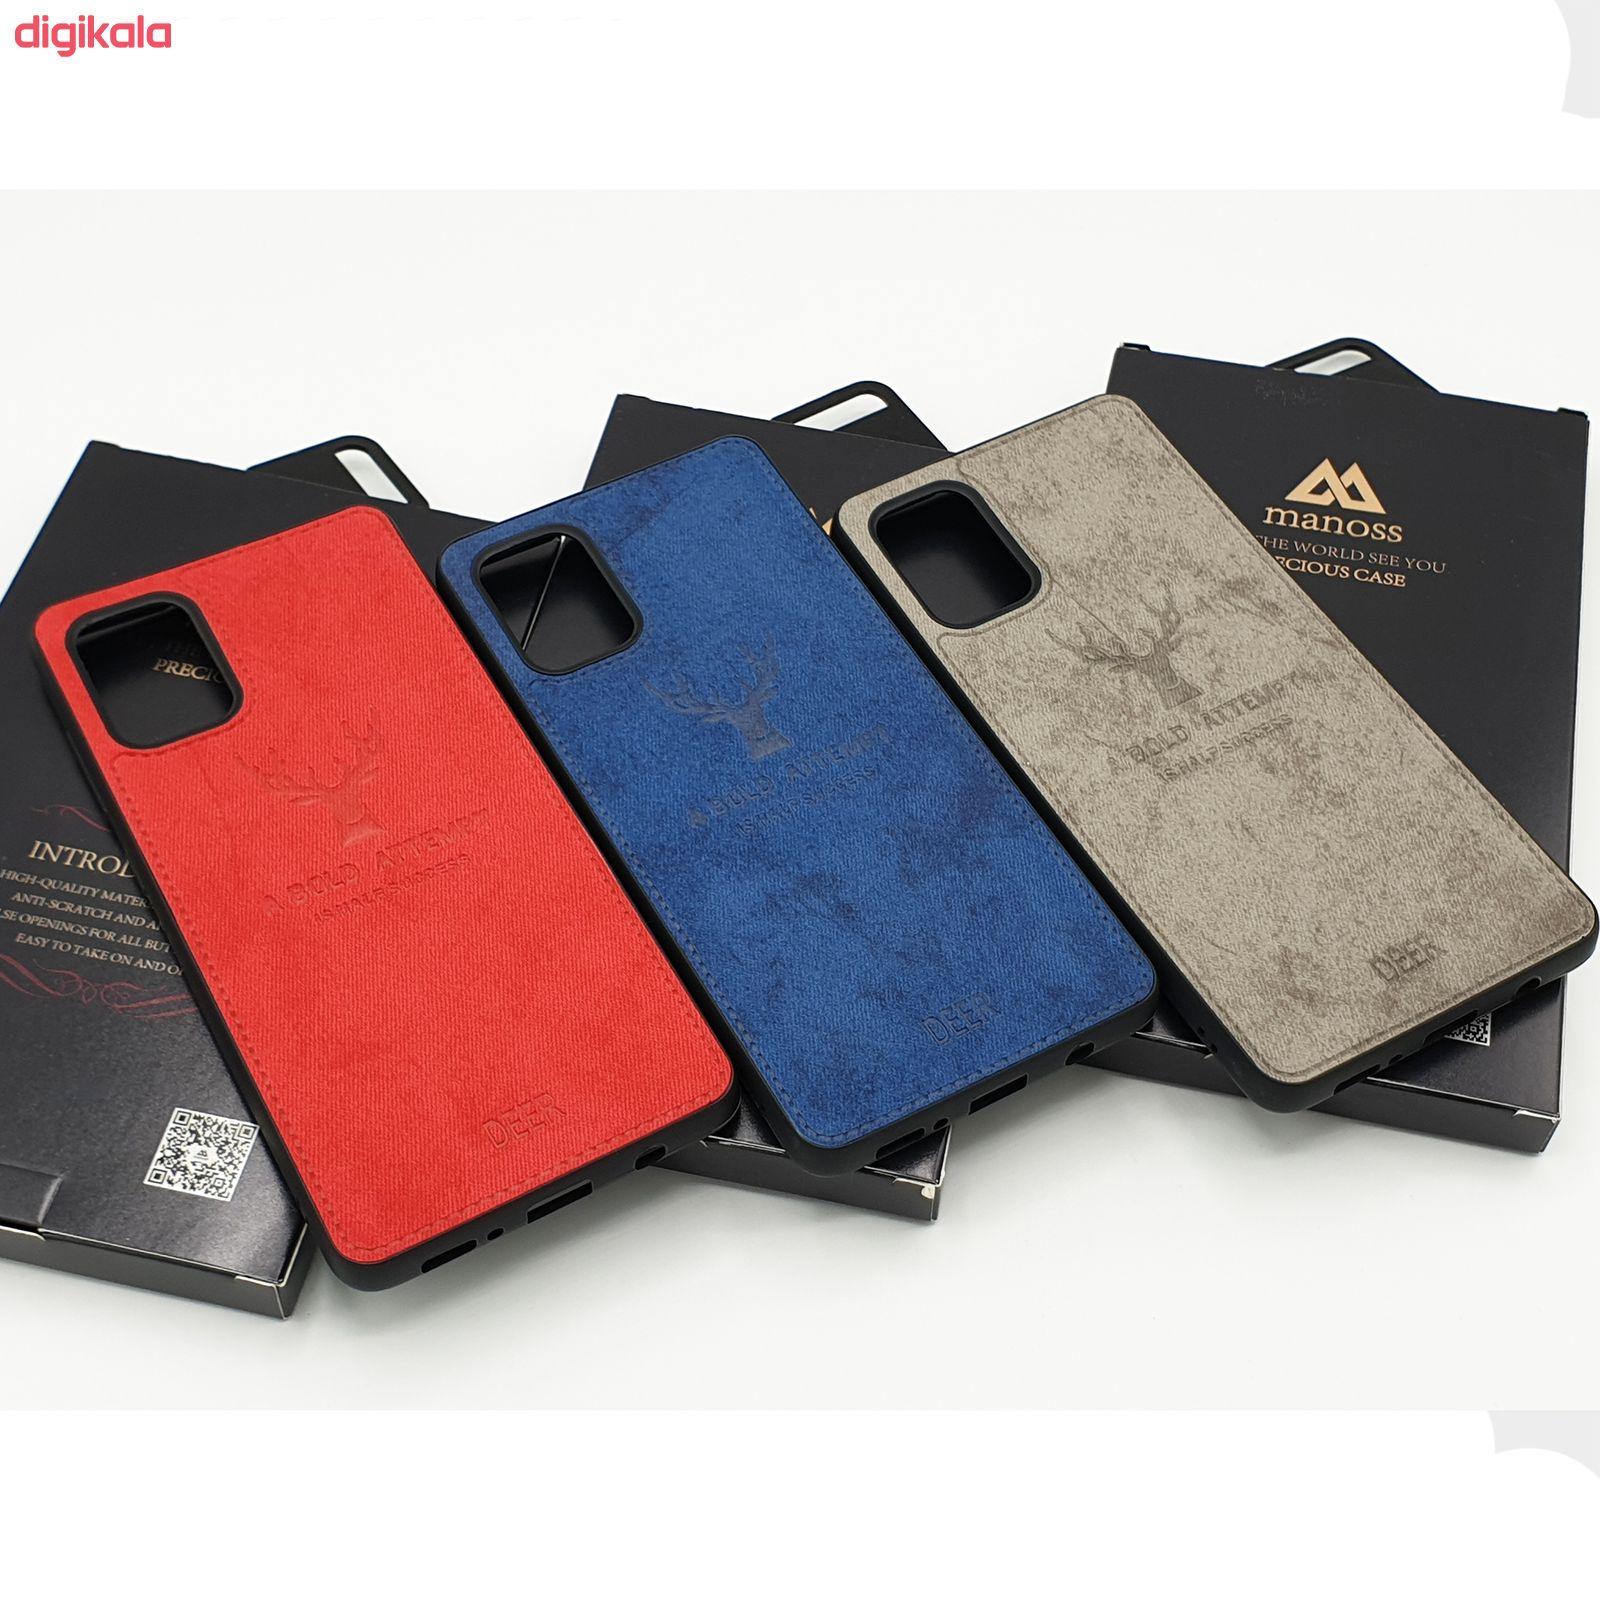 کاور مانوس مدل MD-S1 مناسب برای گوشی موبایل سامسونگ Galaxy A51